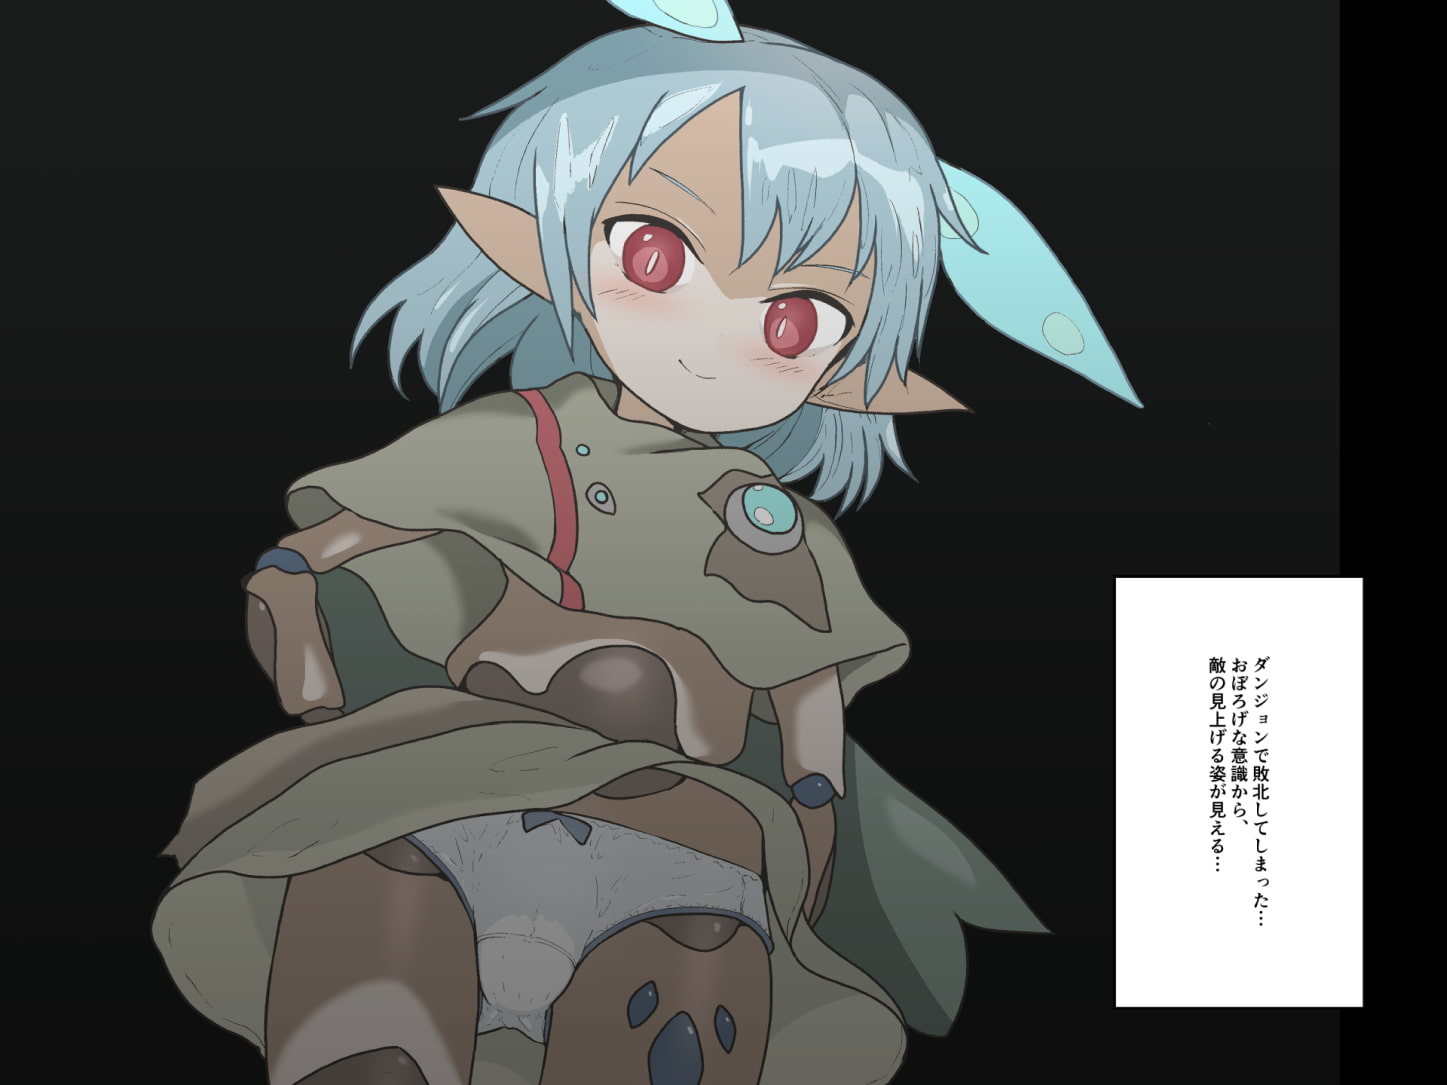 冒険者のダンジョン敗北例 01